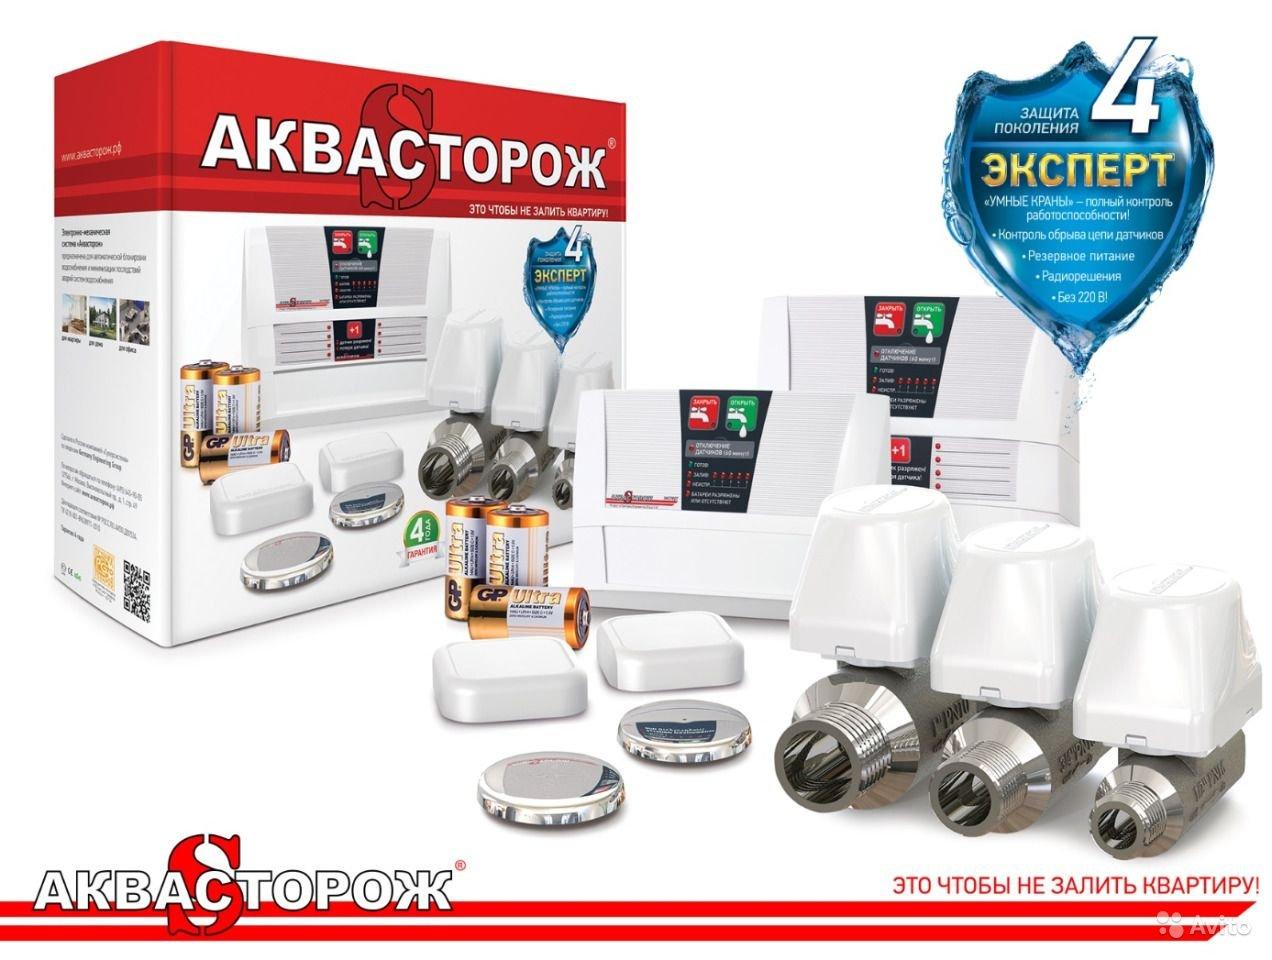 Автоматизированные системы защиты от протечек на примере комплекса «аквасторож»